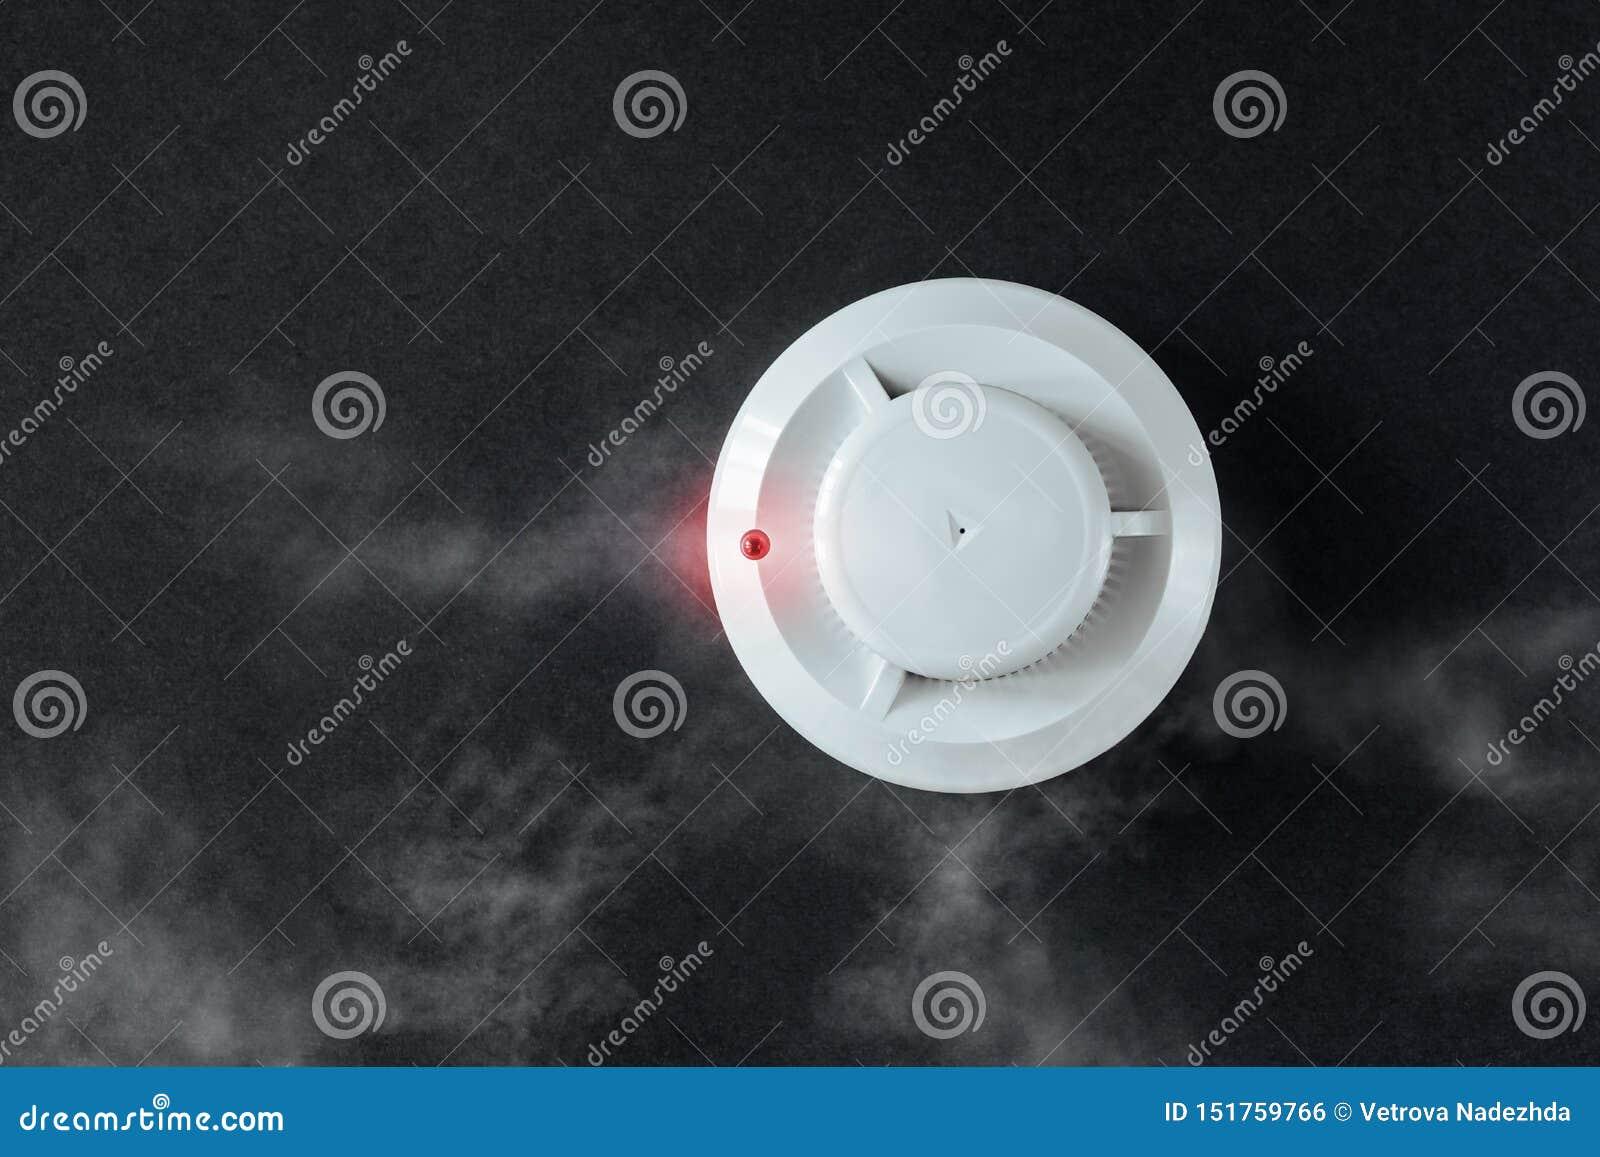 Ανιχνευτής καπνού και ανιχνευτής πυρκαγιάς σε ένα μαύρο υπόβαθρο Το επίπεδο συναγερμών πυρκαγιάς βρέθηκε